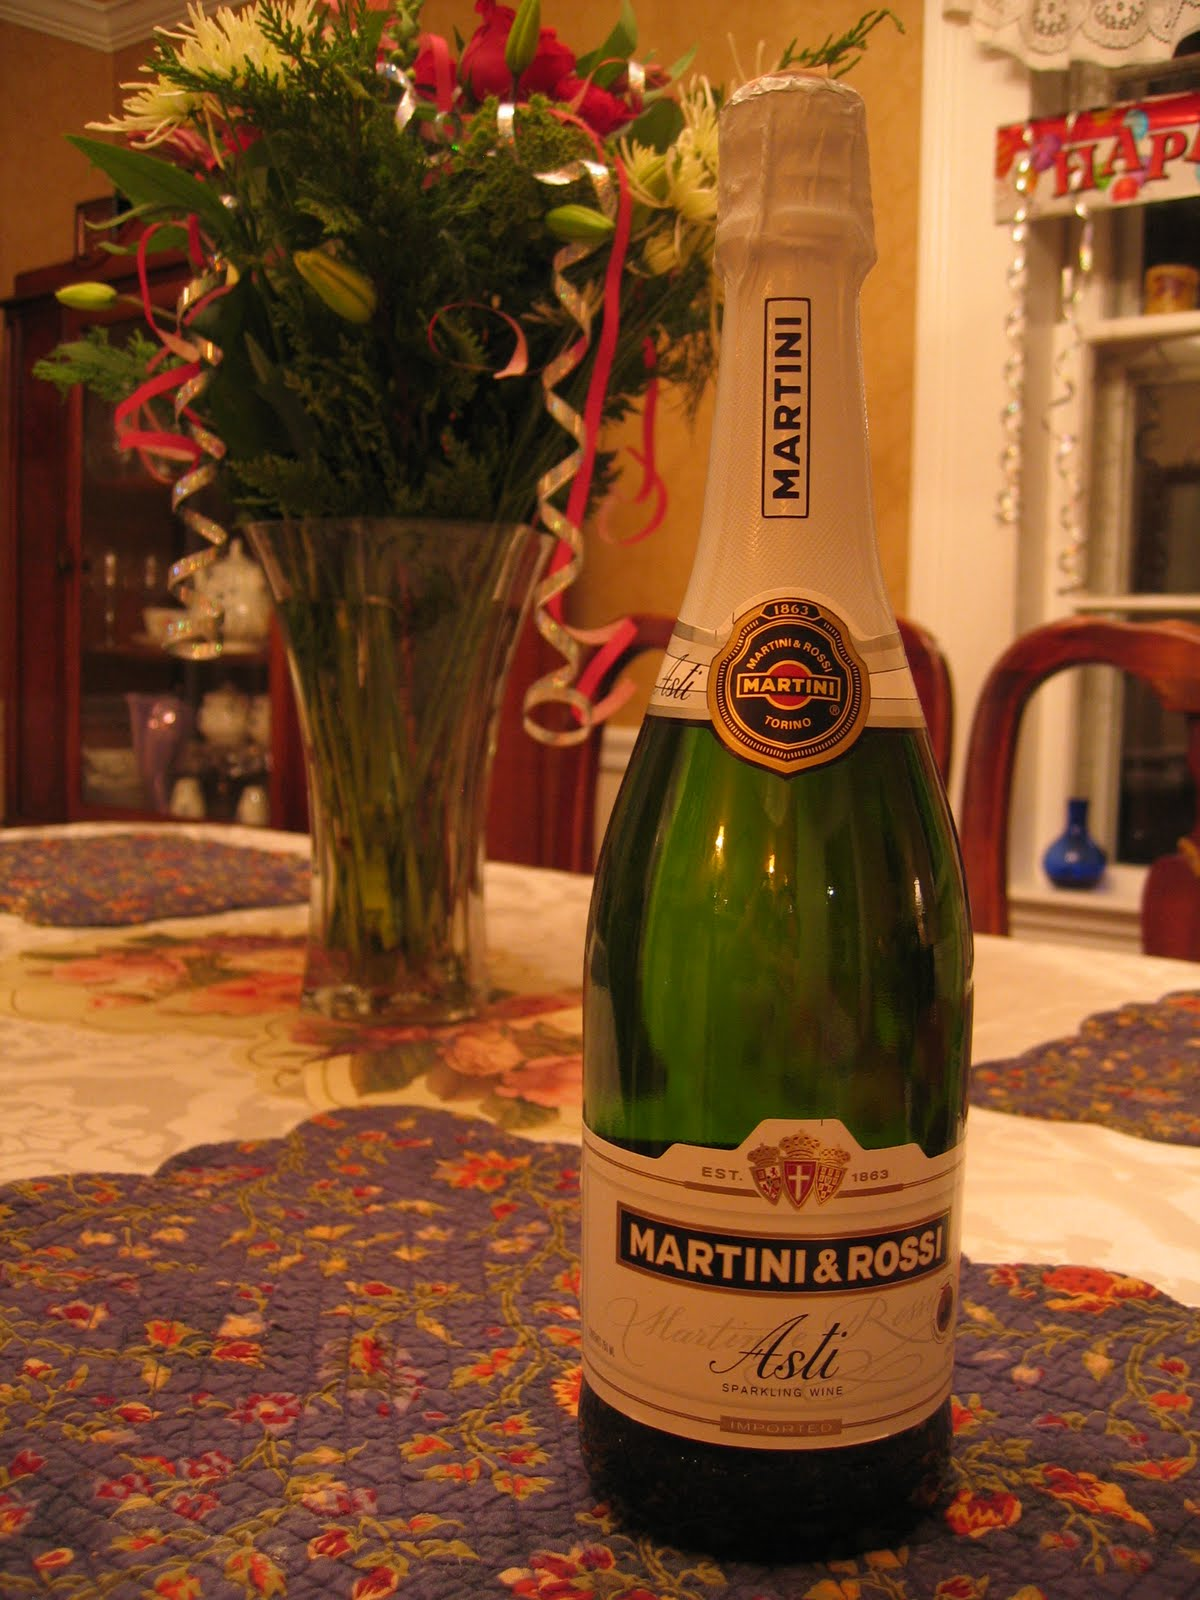 Champagne Martini Asti: description, reviews 94